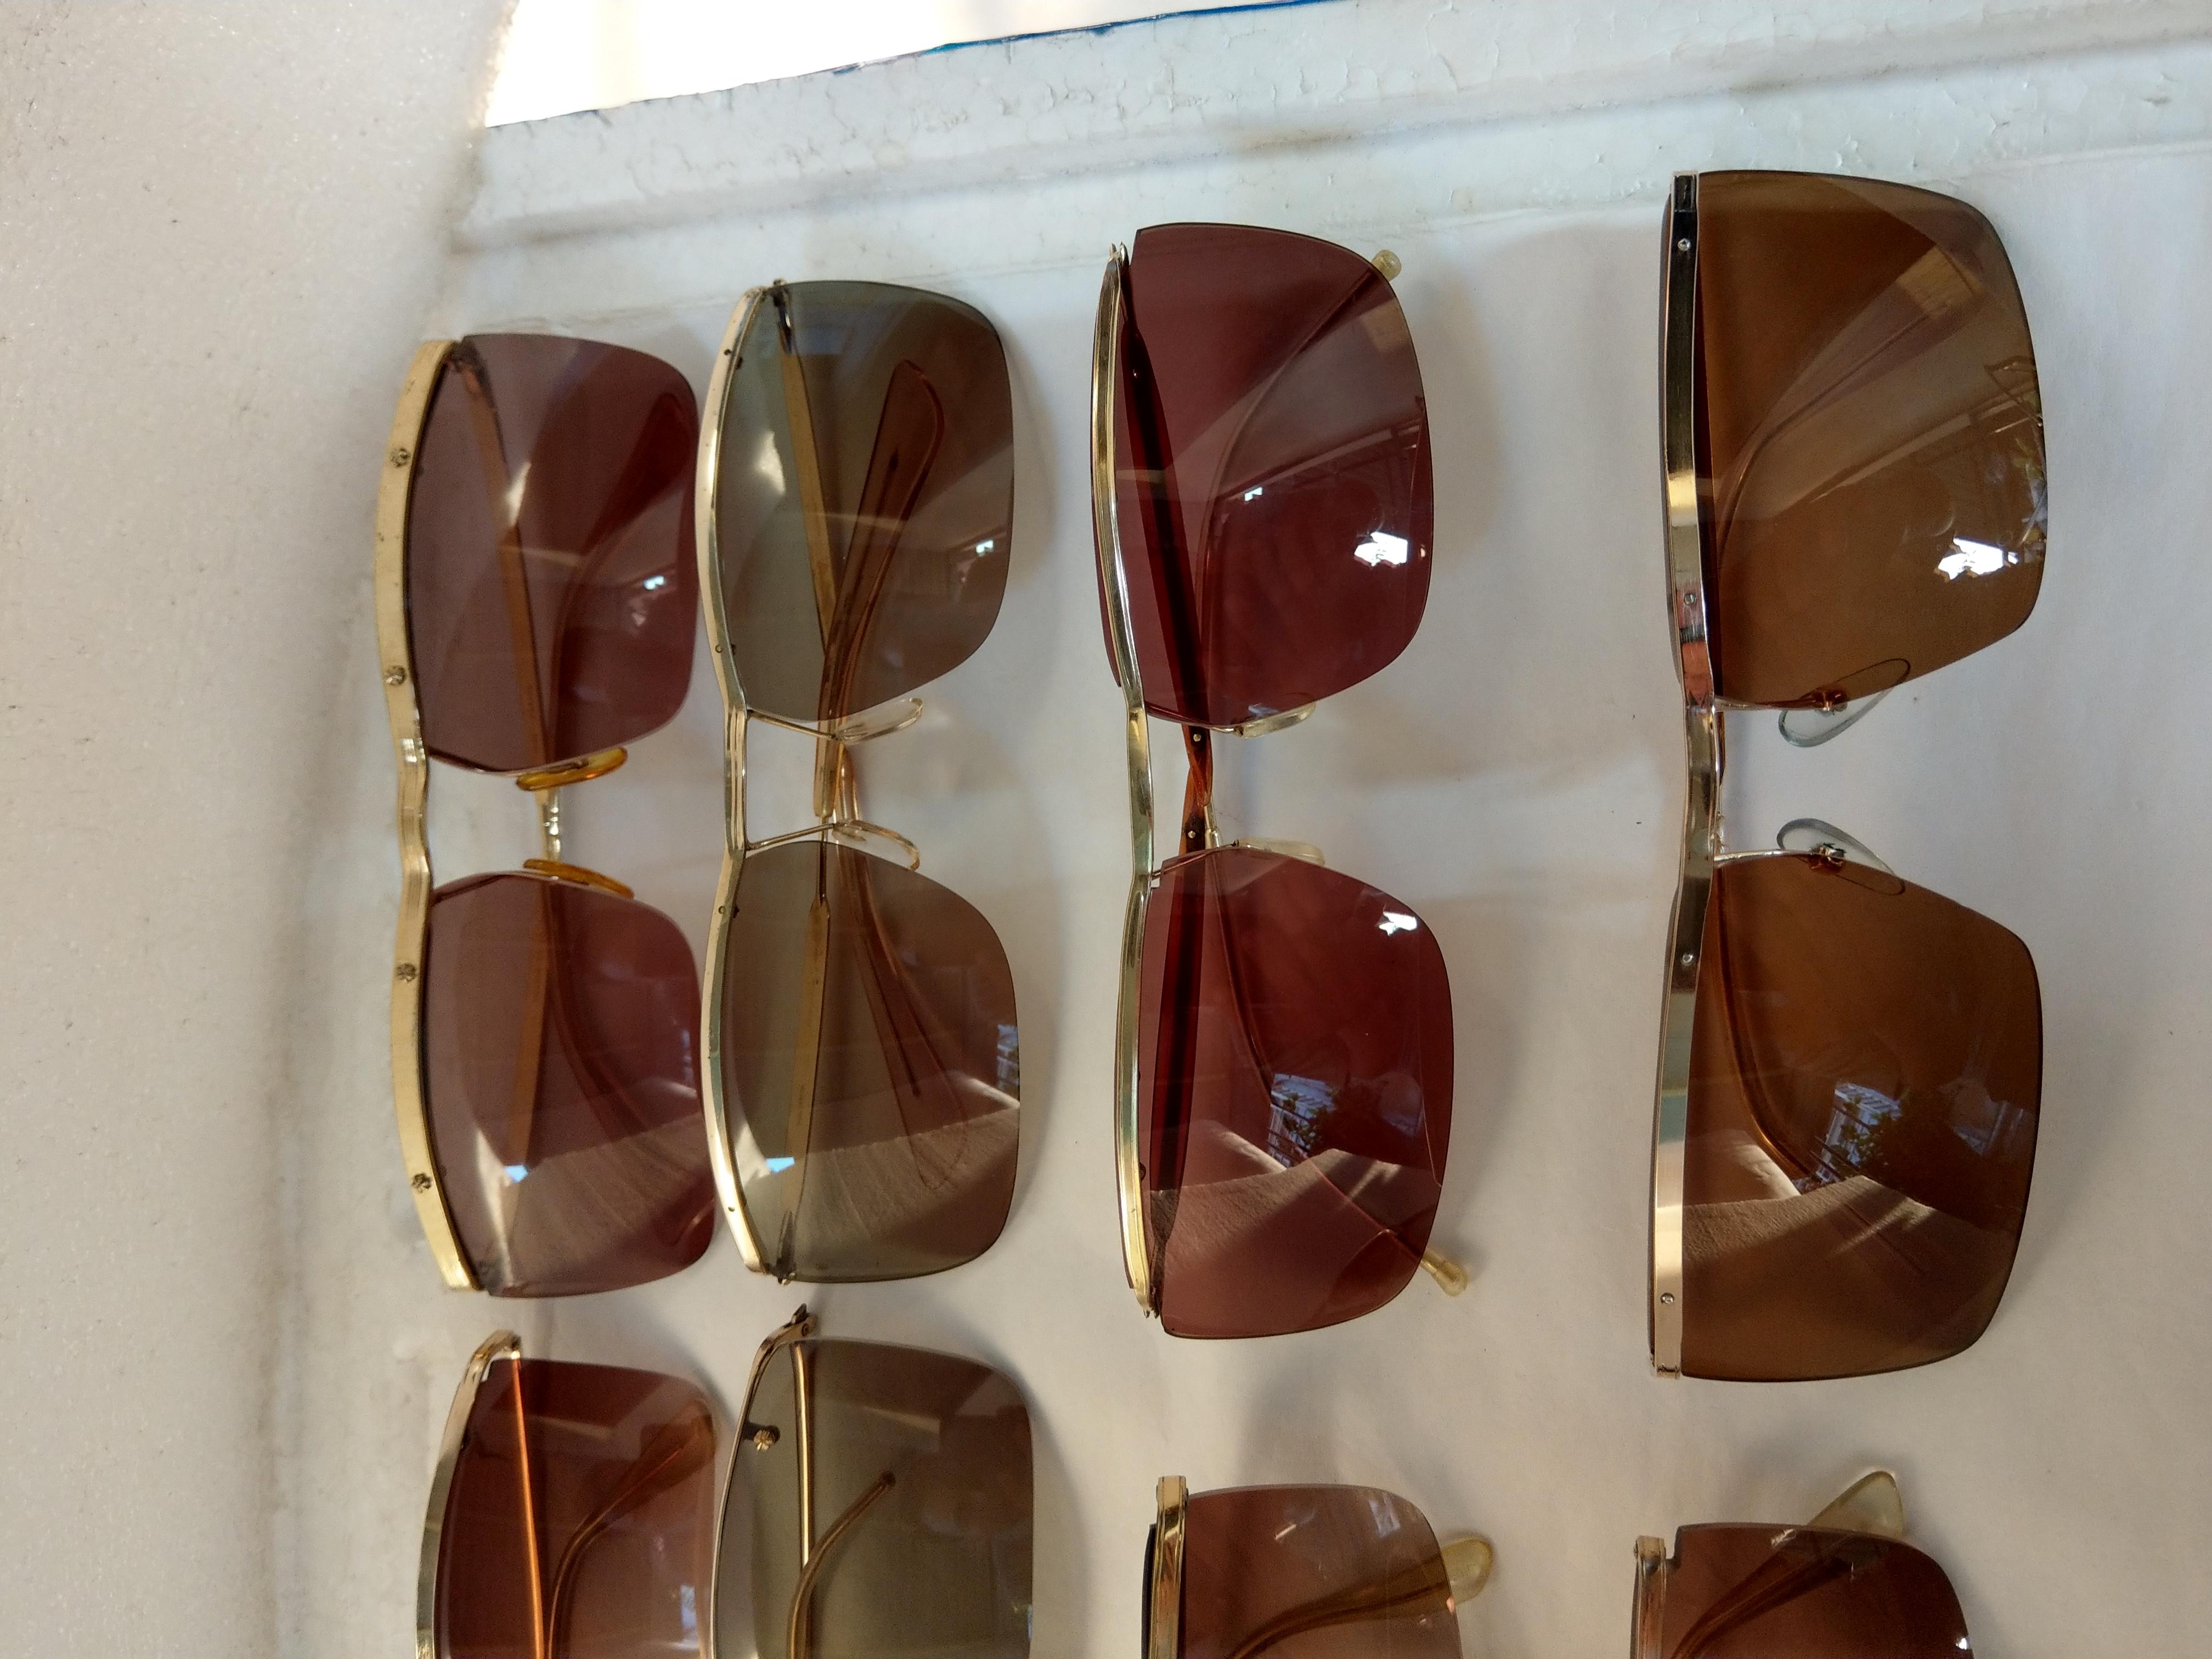 7 Có 8 cái kính cổ mạ vàng bọc vàng có đầy đủ các thương hiệu nổi tiếng trên toàn thế giới..vv